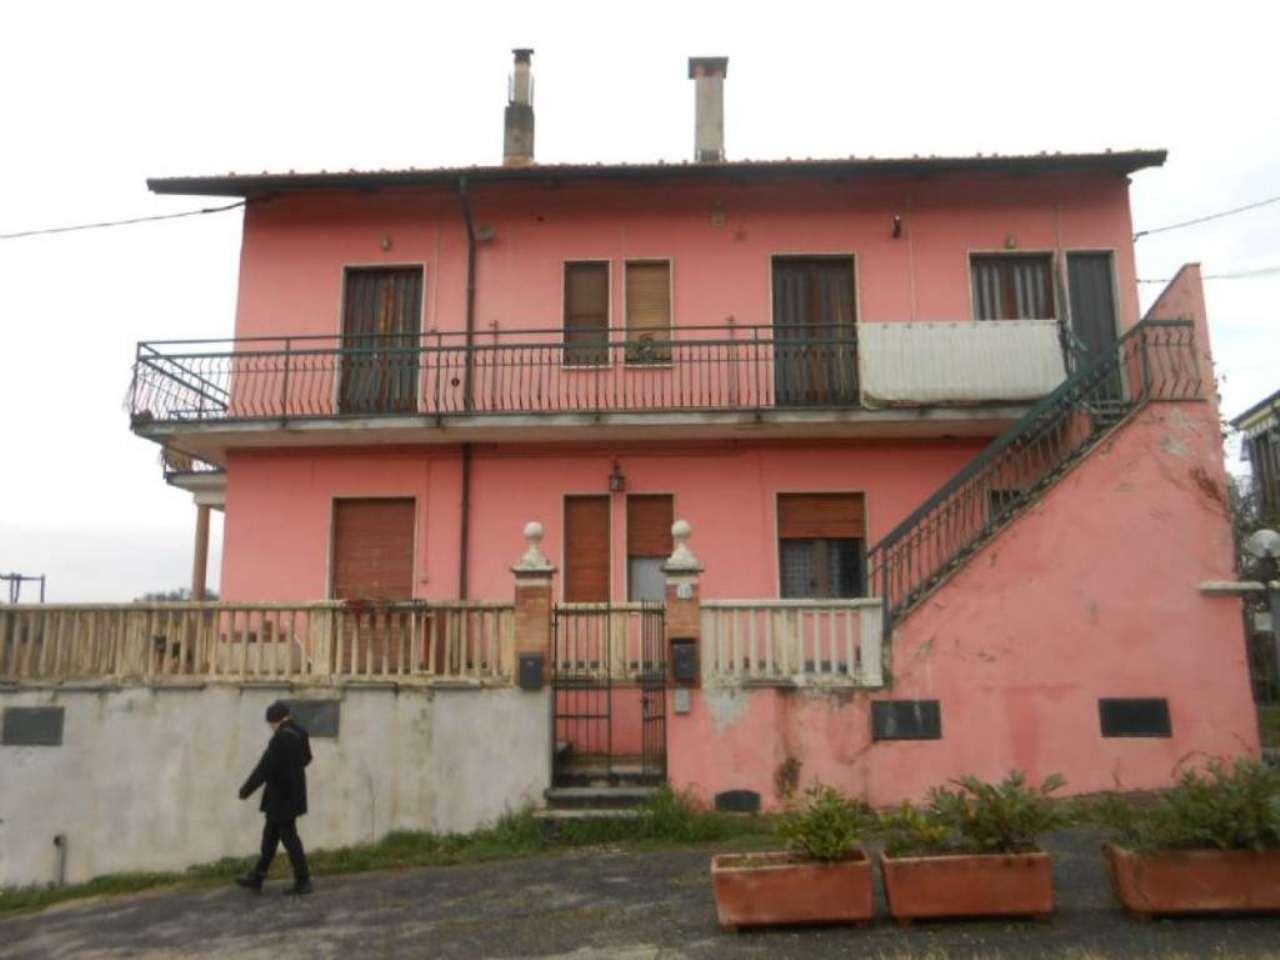 Attico / Mansarda in vendita a Berzano di San Pietro, 15 locali, prezzo € 39.000 | Cambio Casa.it